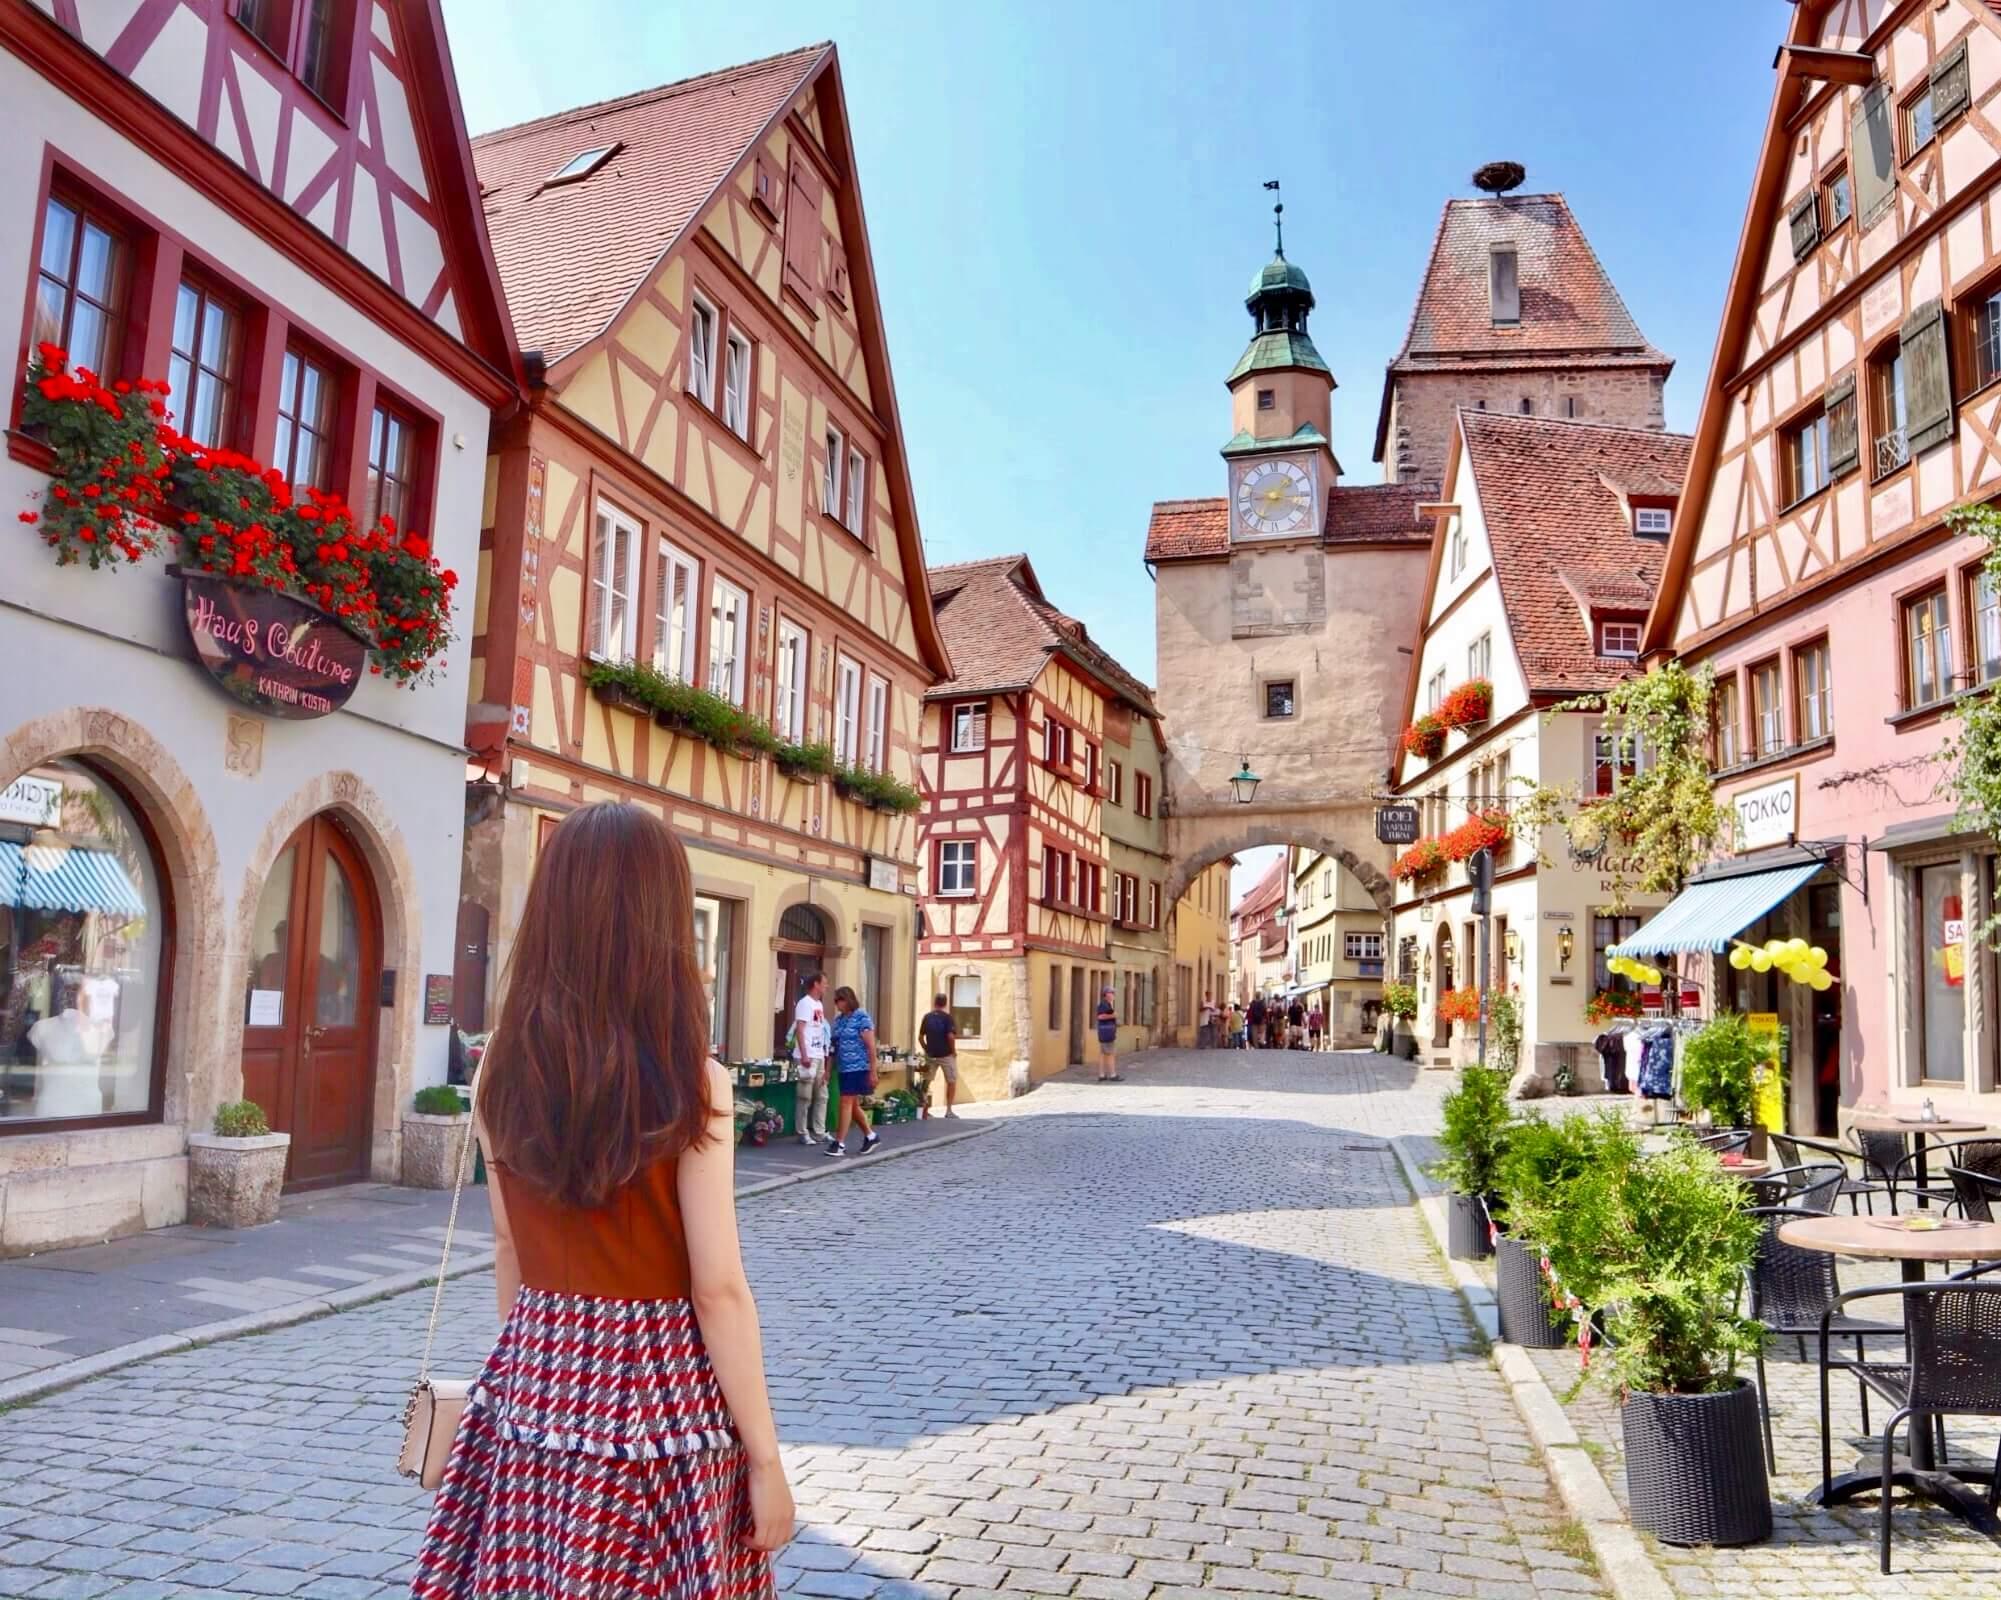 絵本の世界に飛び込んだようなドイツ【ロマンチック街道】を巡る旅♡